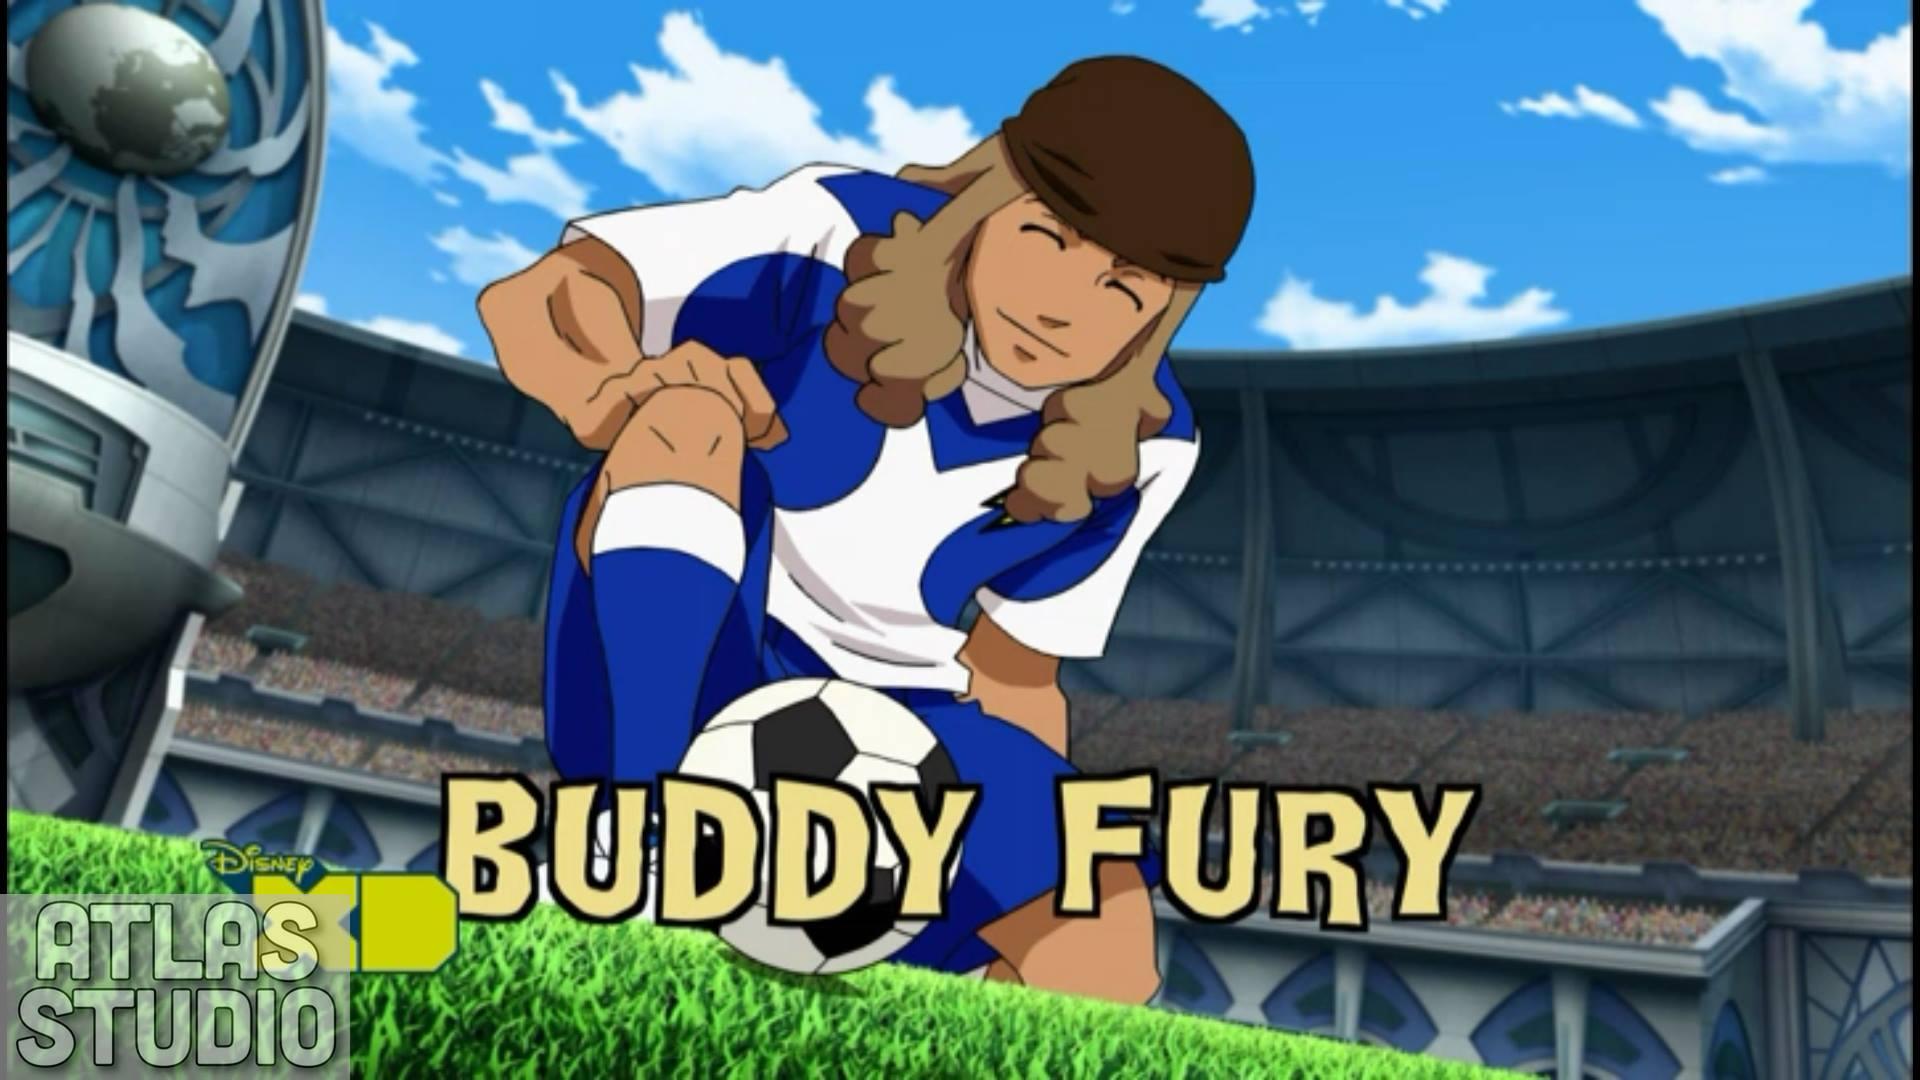 Buddy Fury